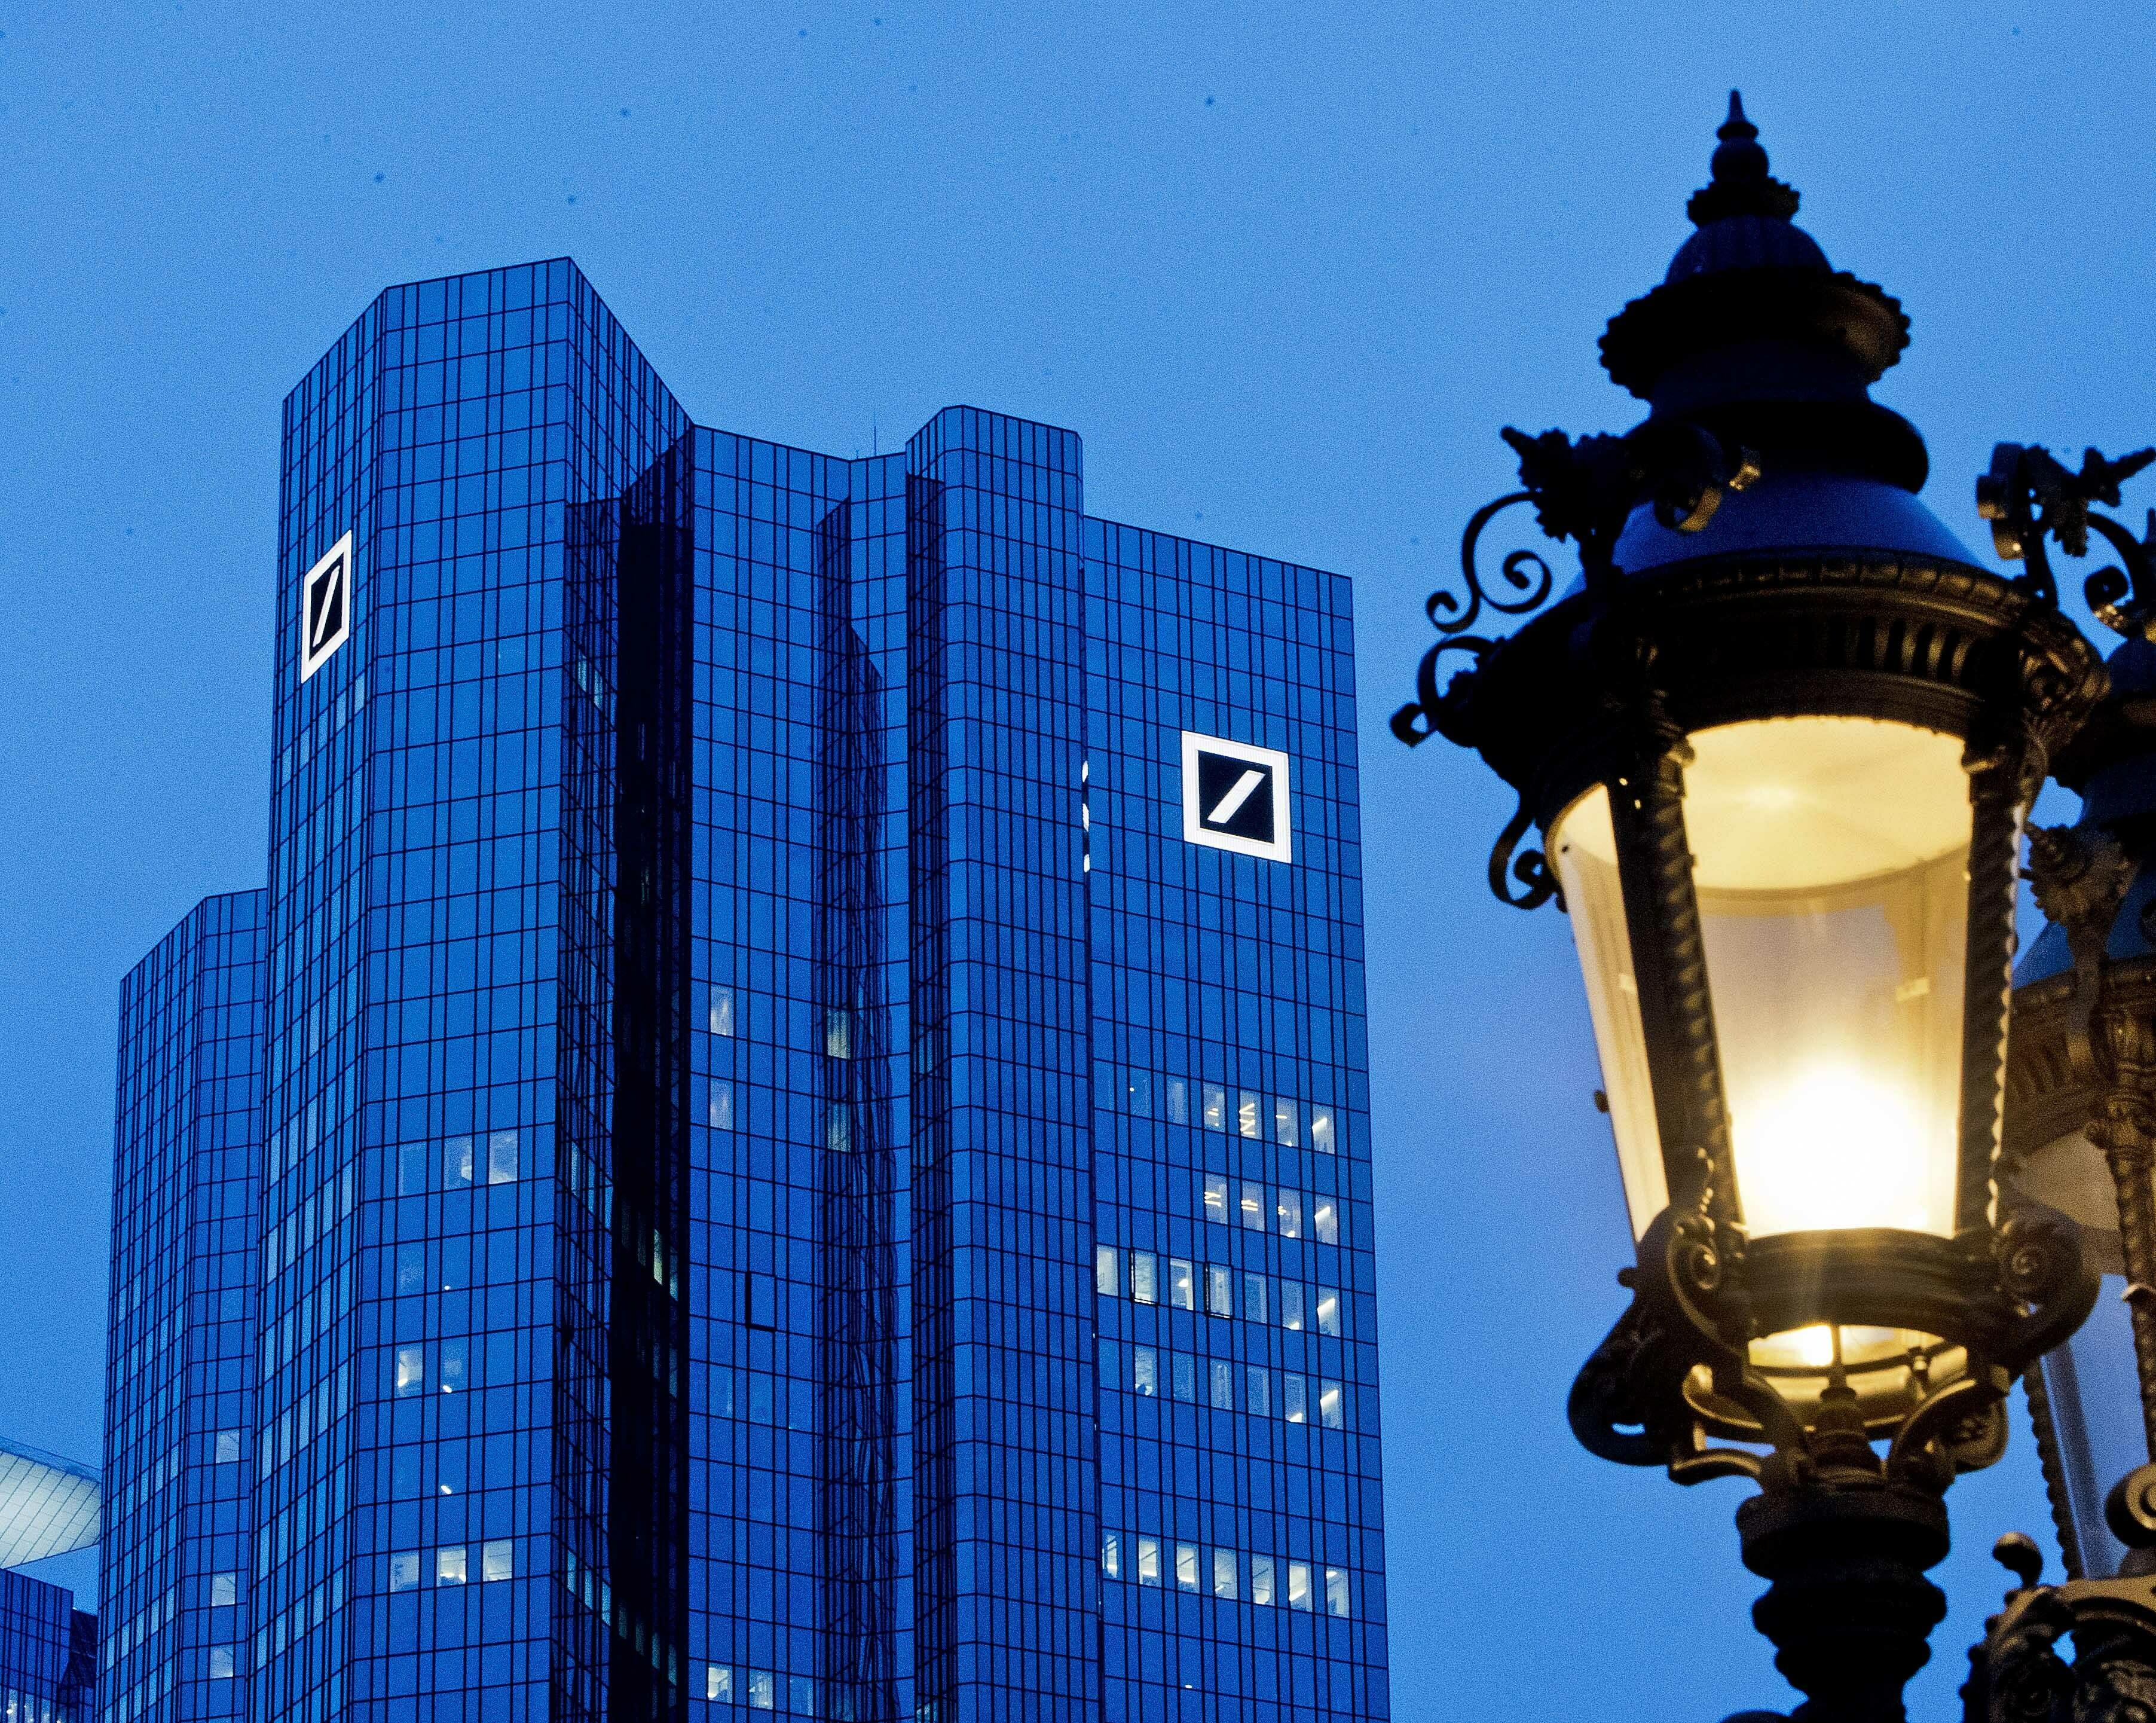 Deutsche Bank struggles to rebound, merger rumors hit shares